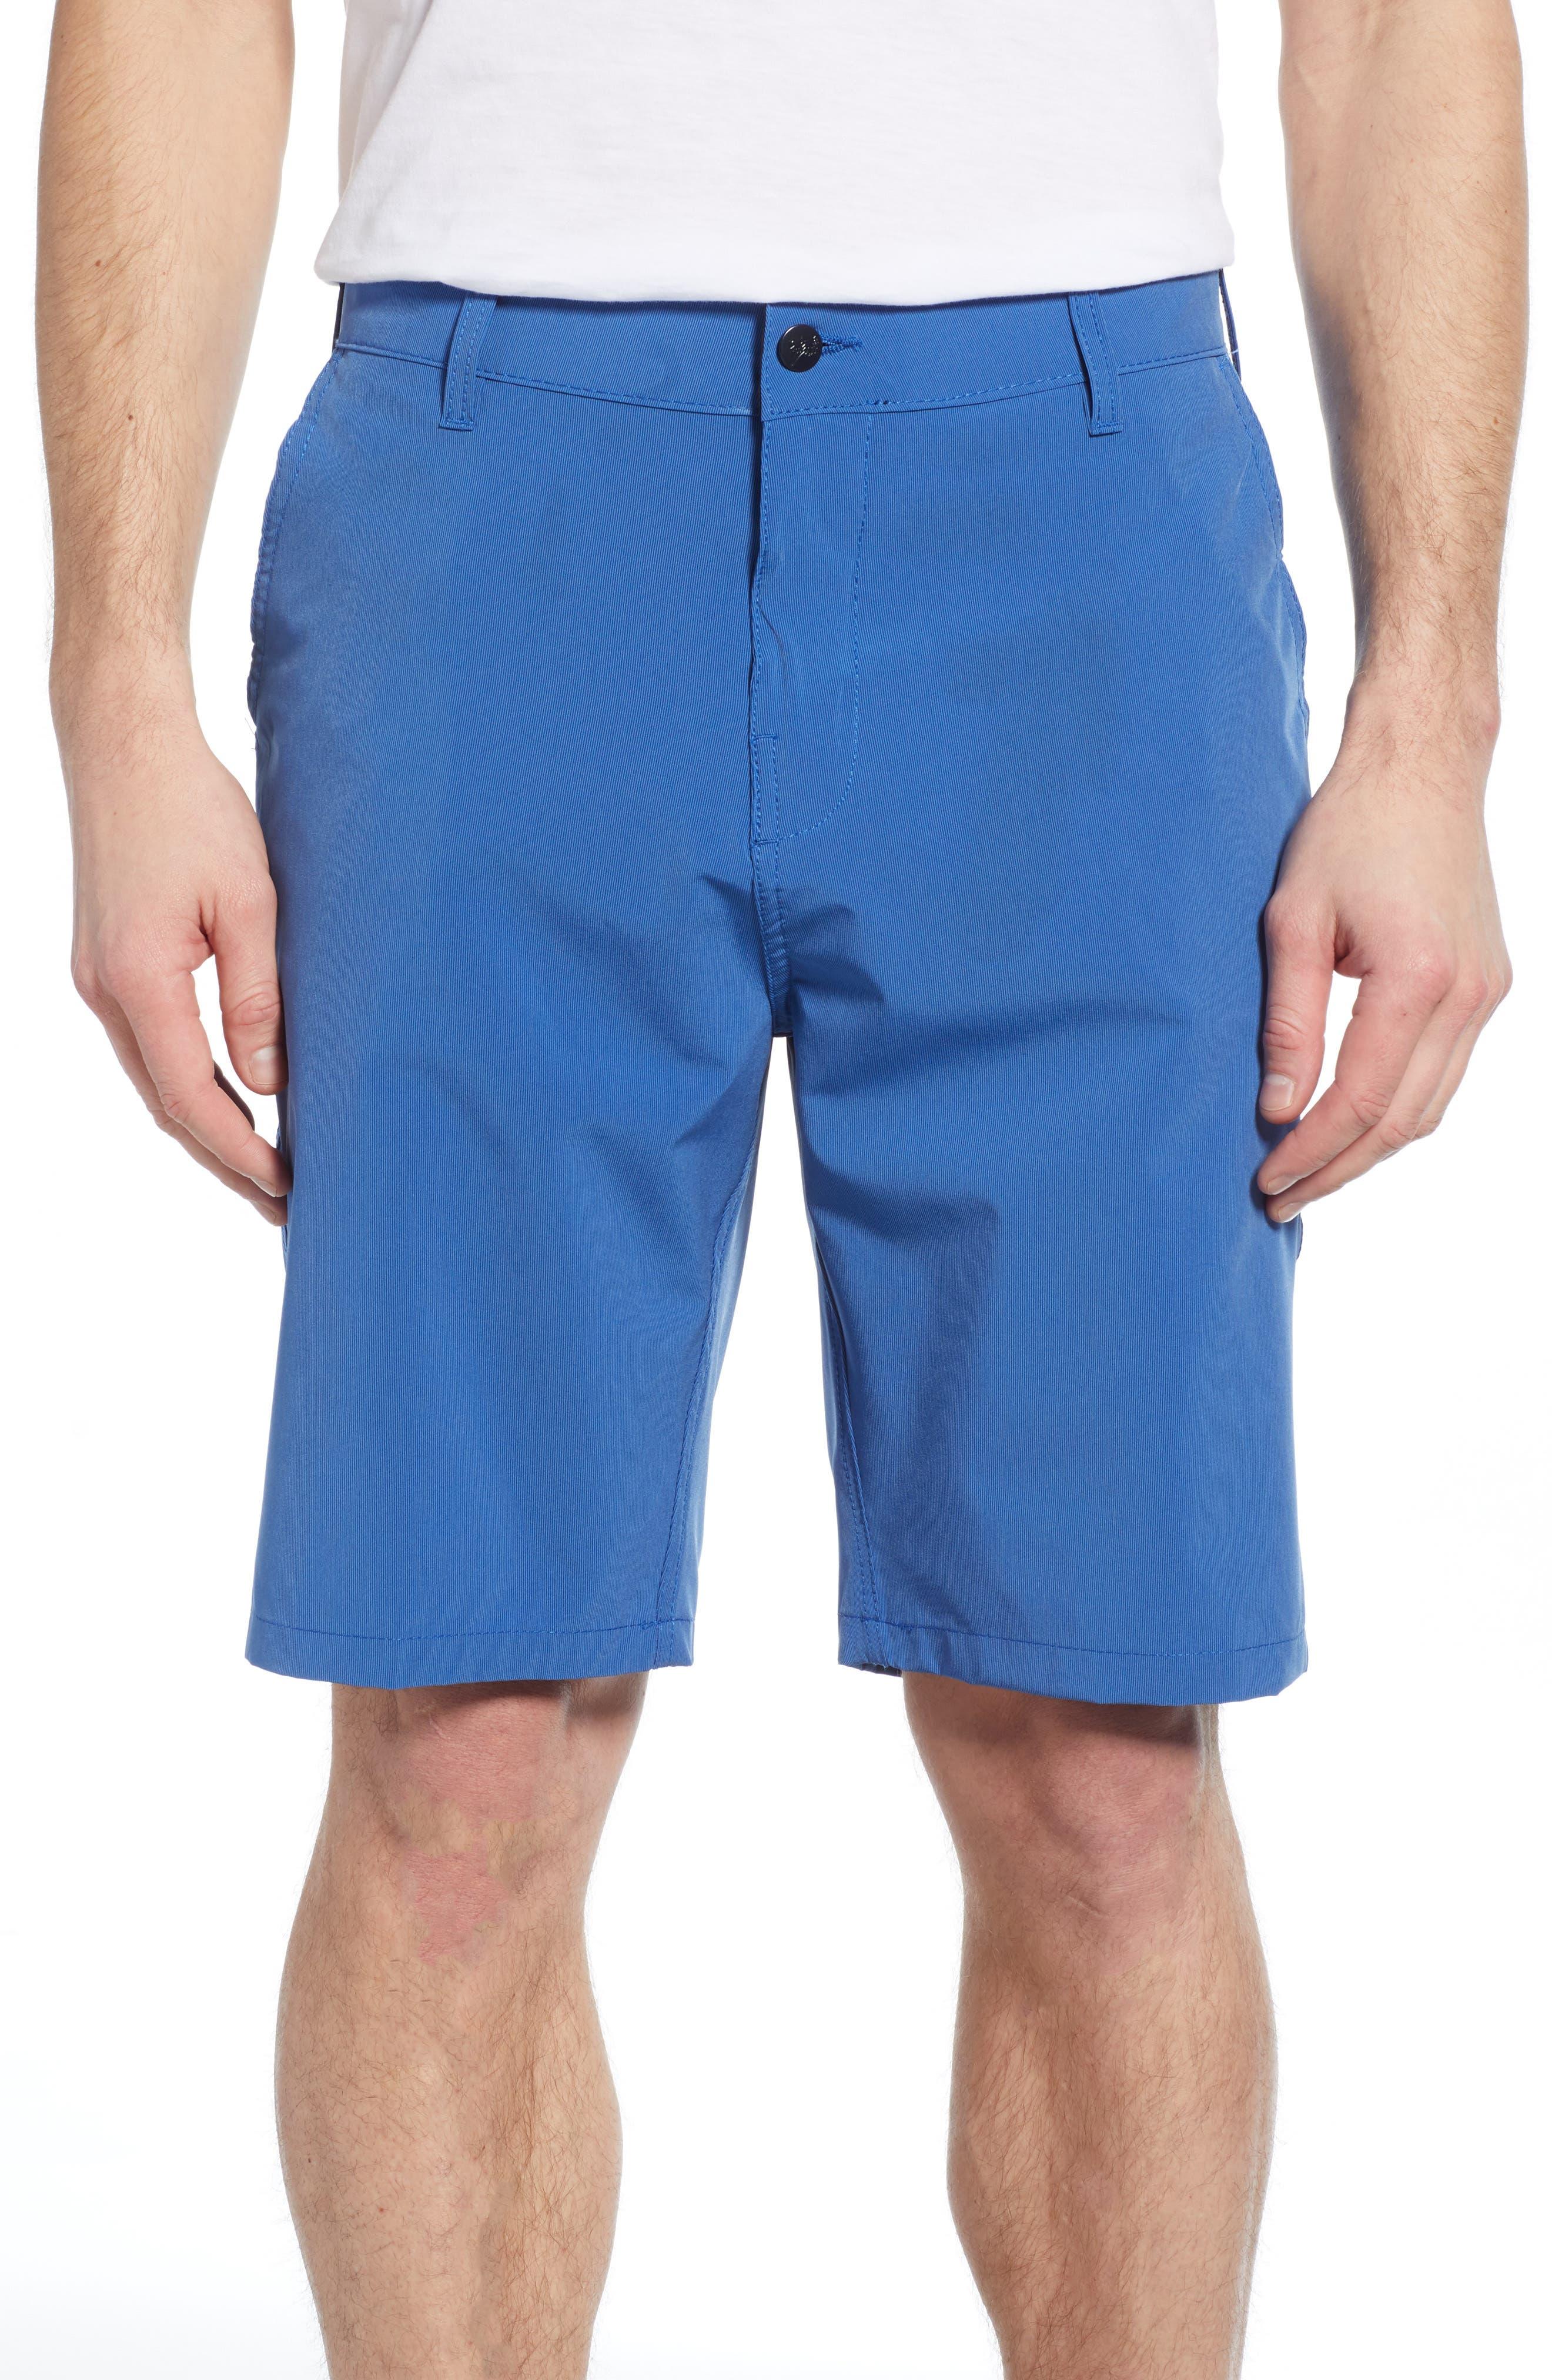 Vintage Men's Swimsuits – 1930s to 1970s Mens Trunks Surf  Swim Co. Hybrid Board Shorts $68.00 AT vintagedancer.com